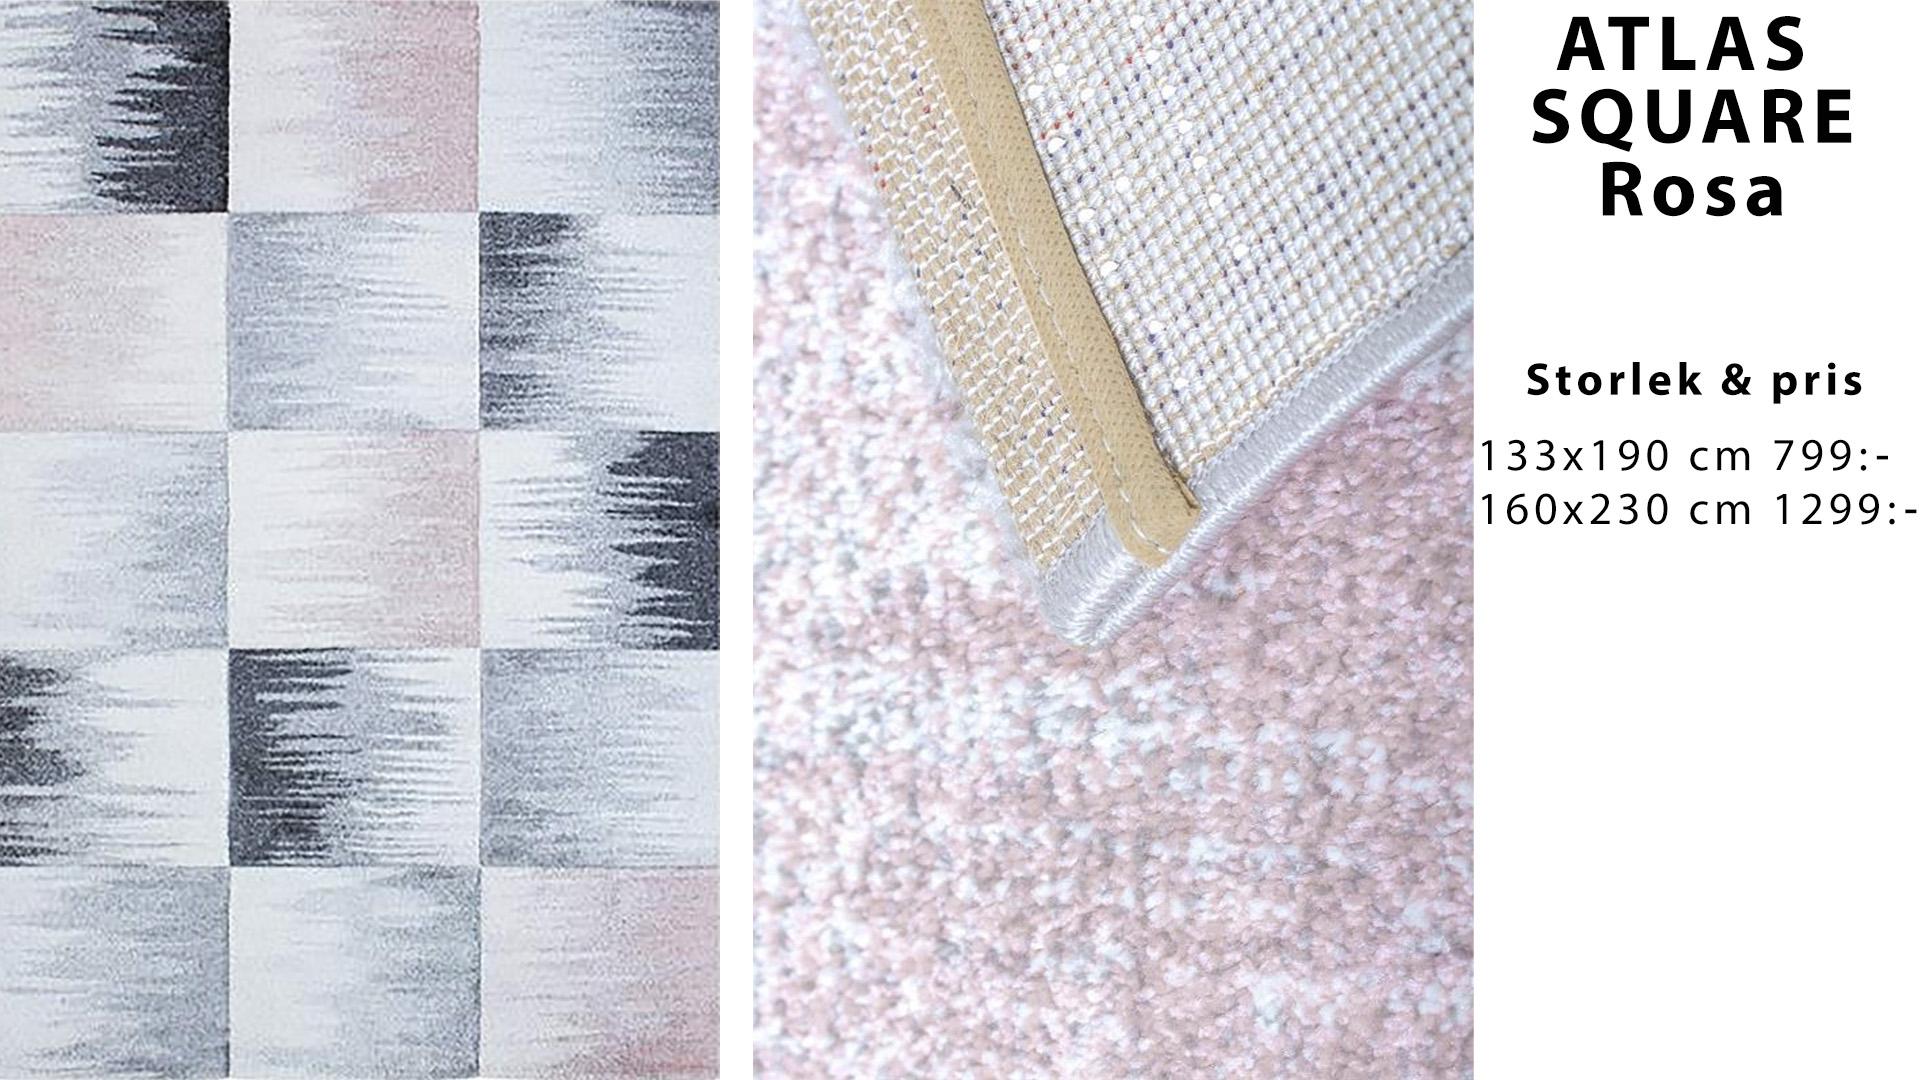 Atlas square rosa matta